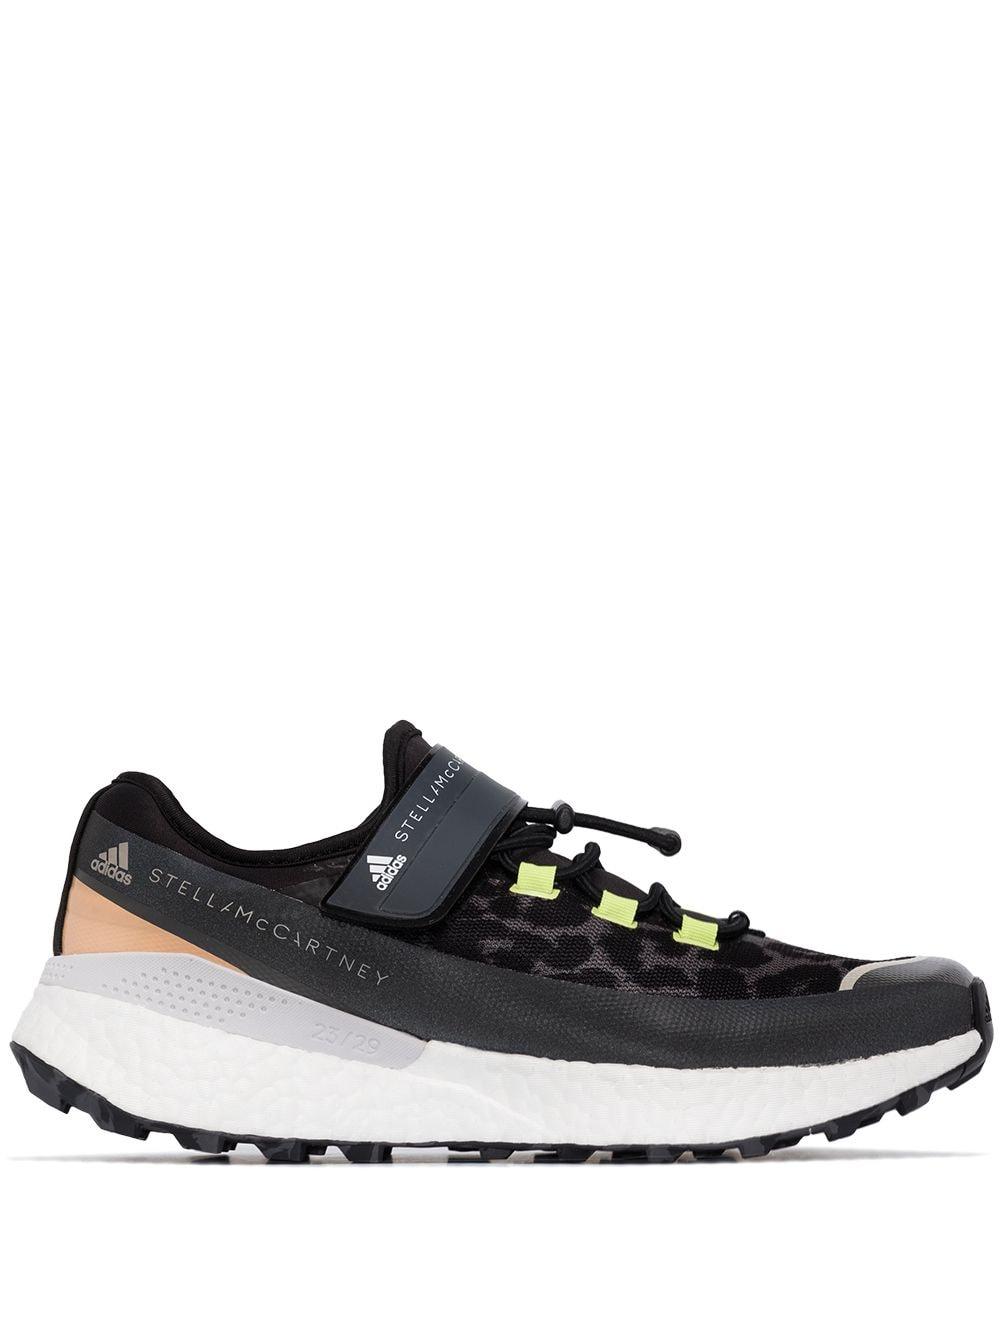 Outdoor Boost Sneakers